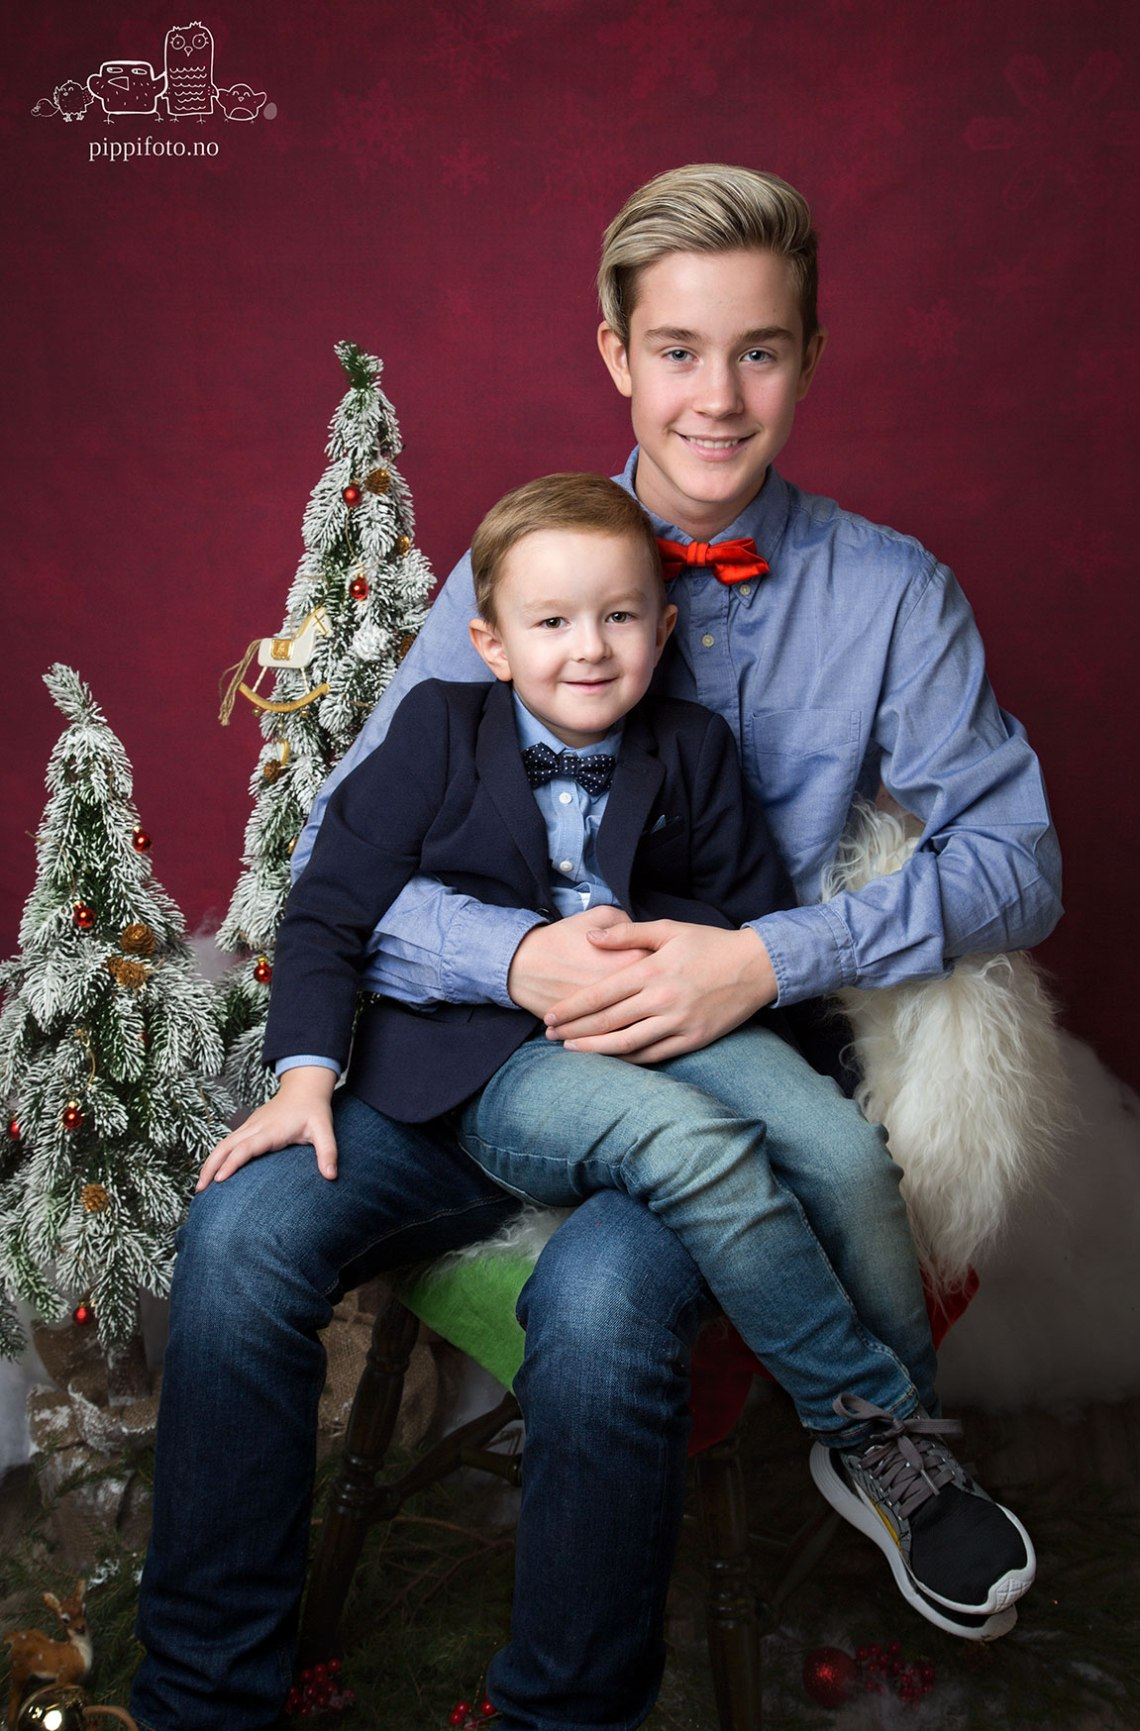 fotograf-oppegaard-familiefotografering-julekortfotografering-barnefotografering-oslo